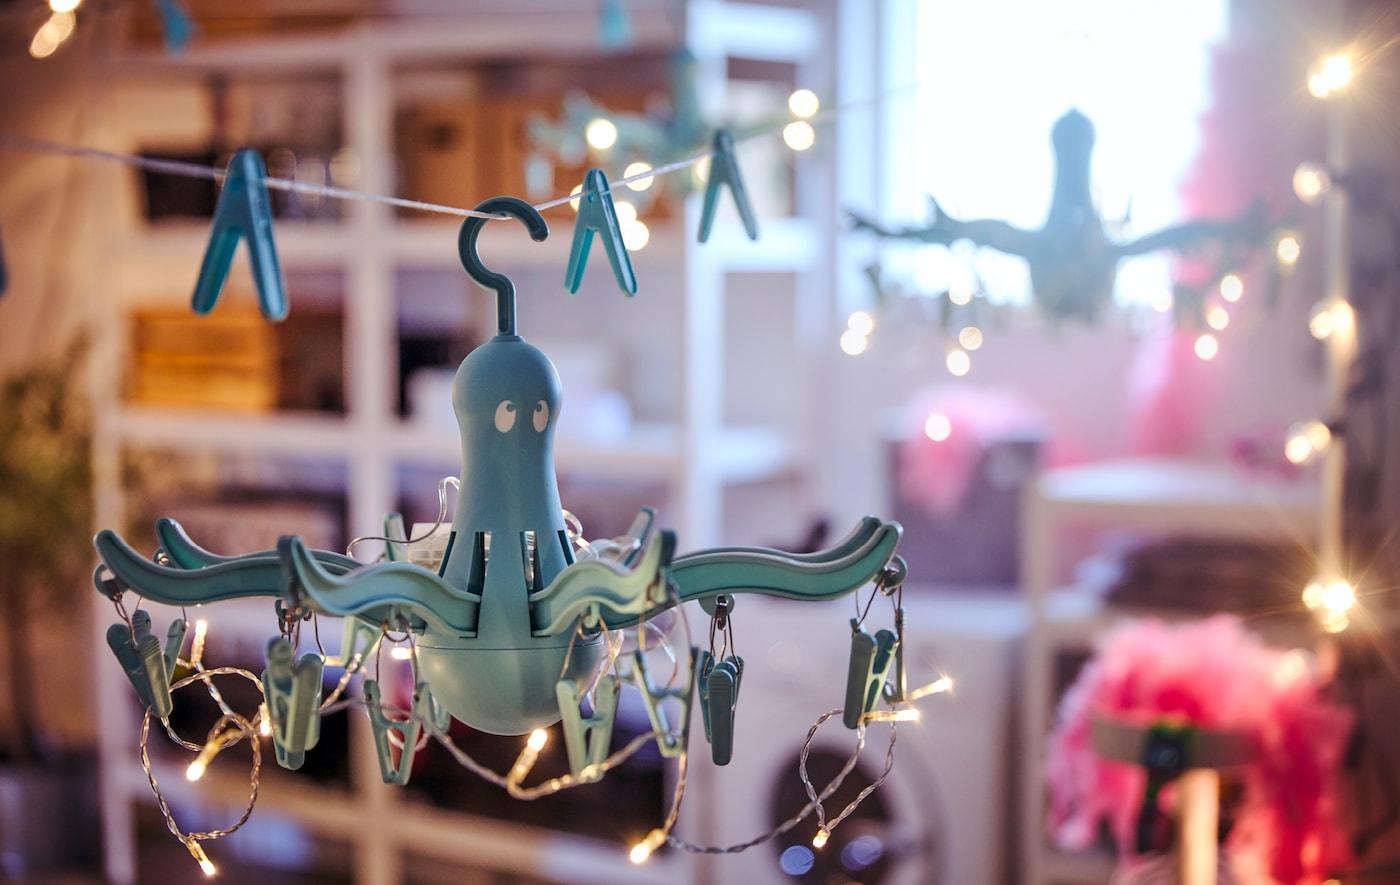 两个由悬挂式晾衣架和照明灯串制成的枝形吊灯,悬挂在放置着洗衣机和各种储物装置的车库内。